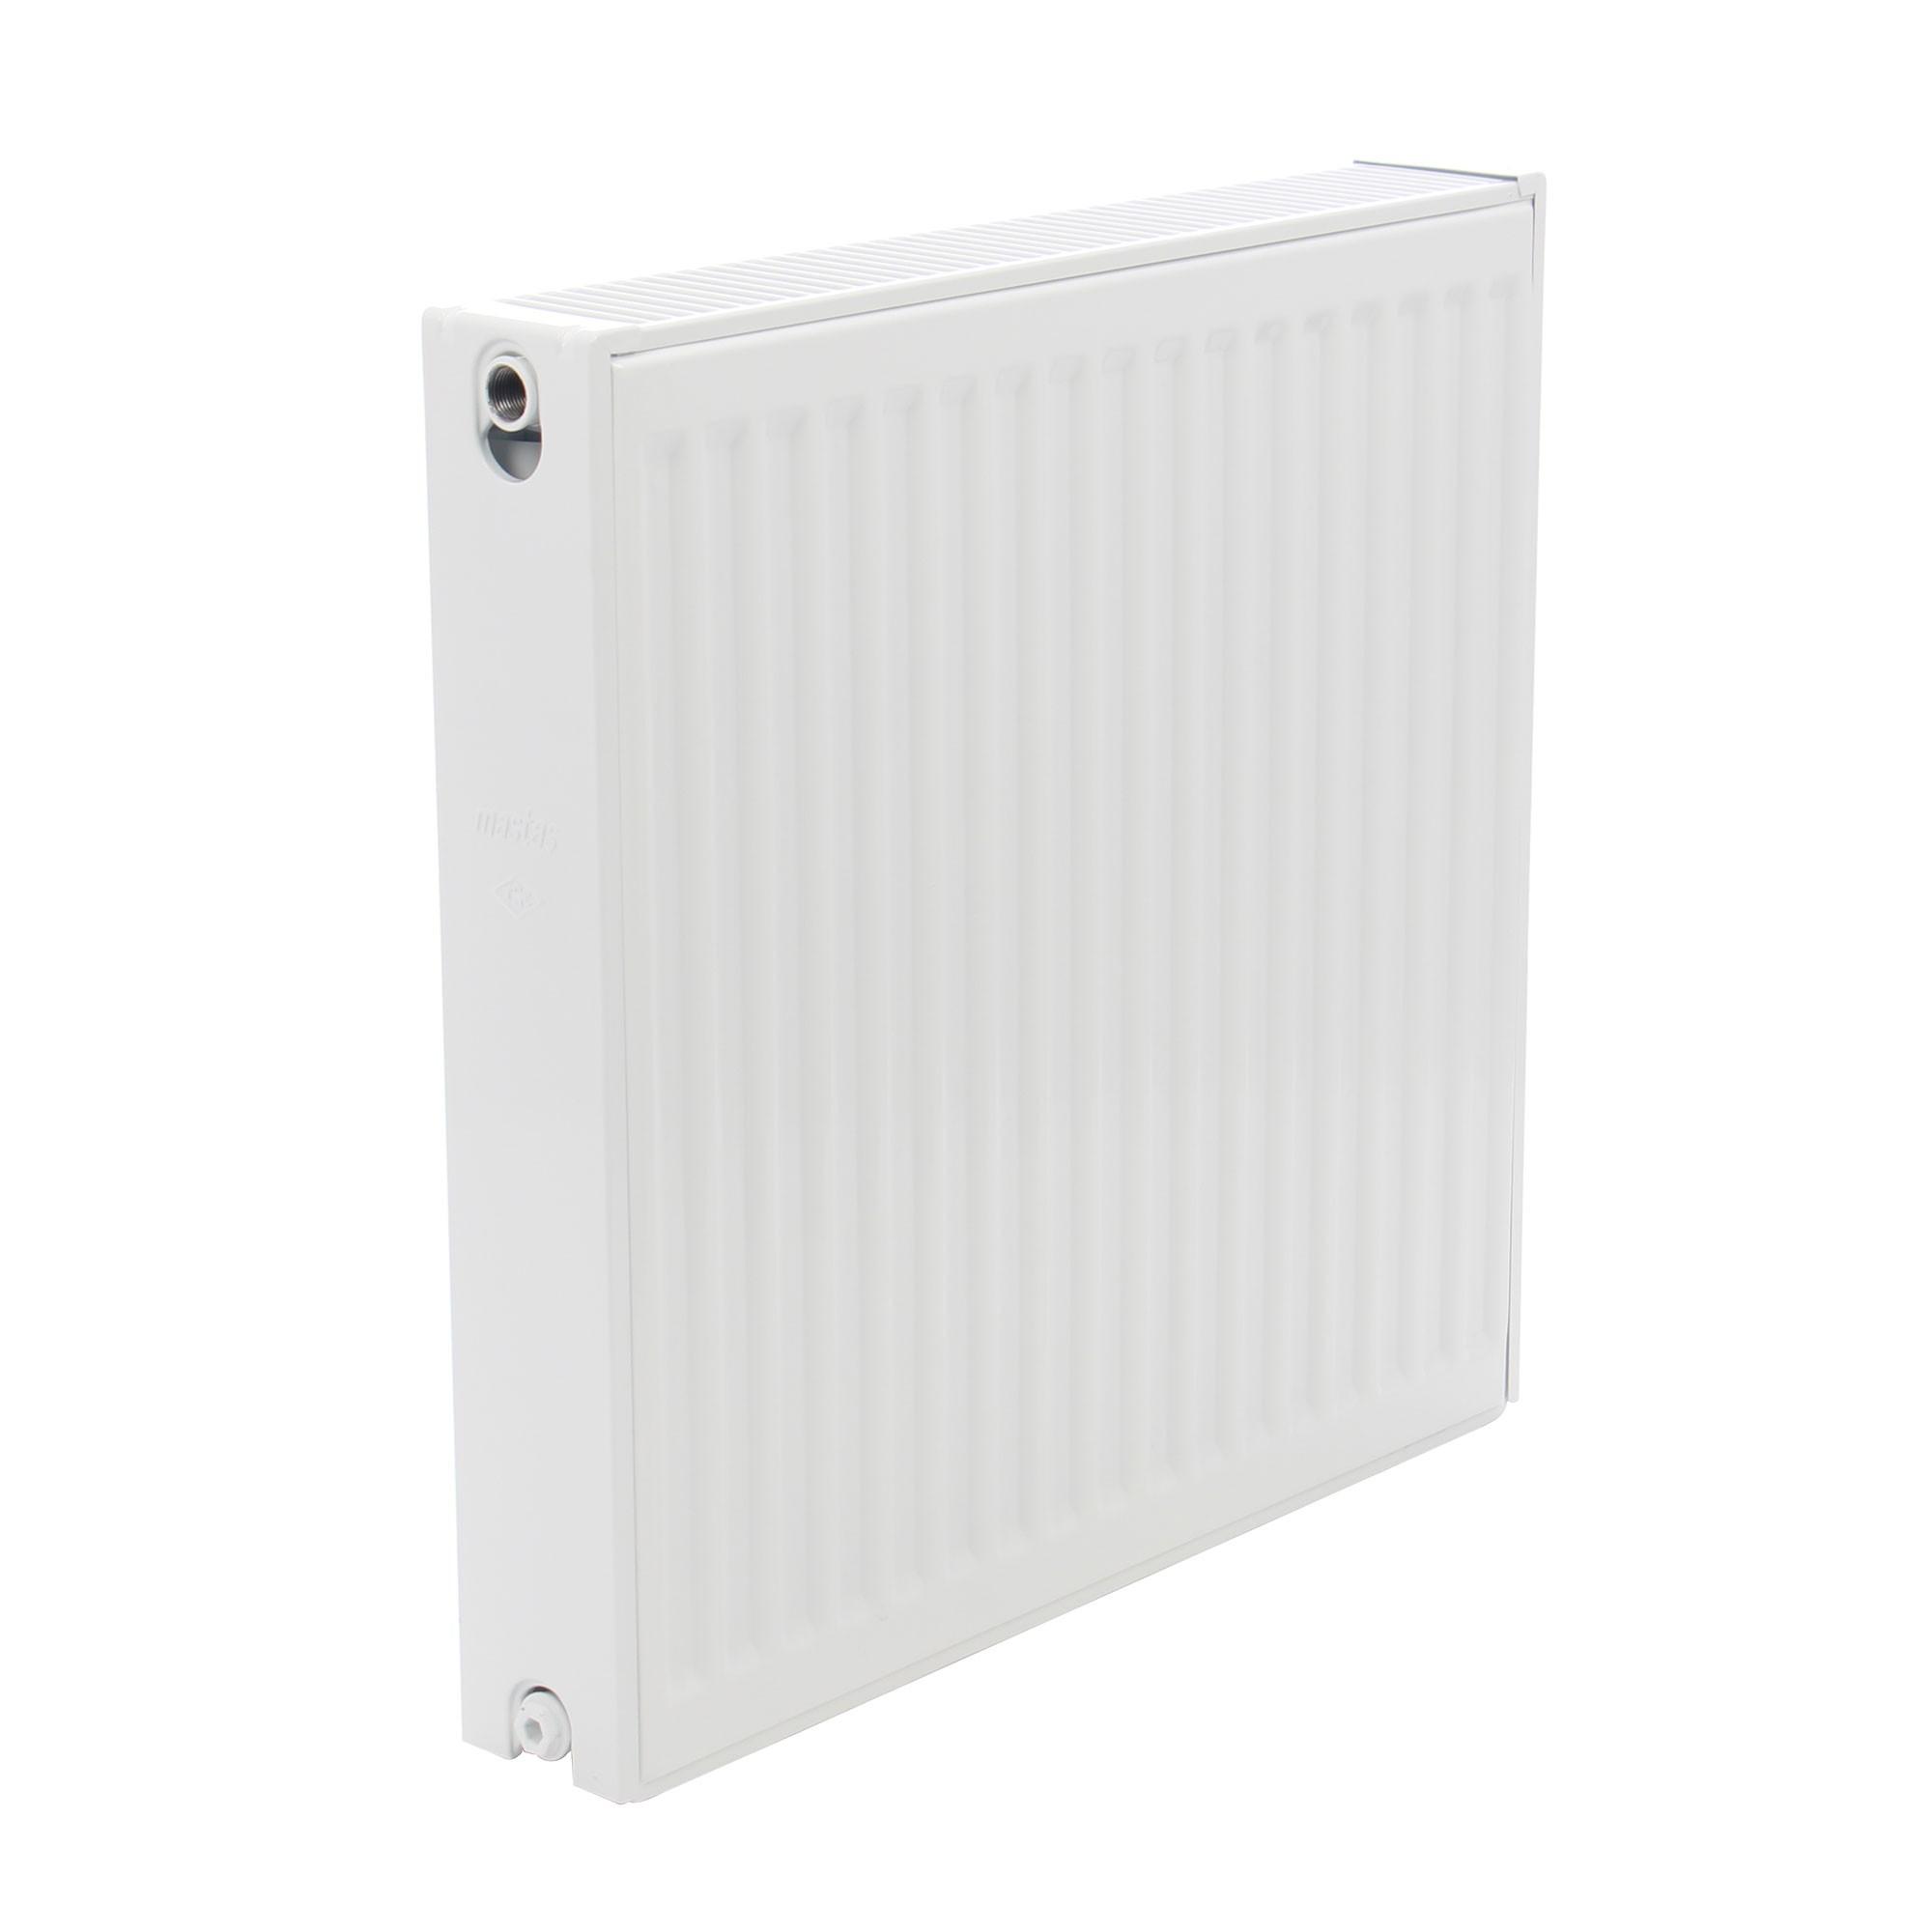 Radiator (calorifer) otel VIGO 22, 600 x 600 mm, accesorii incluse fornello imagine